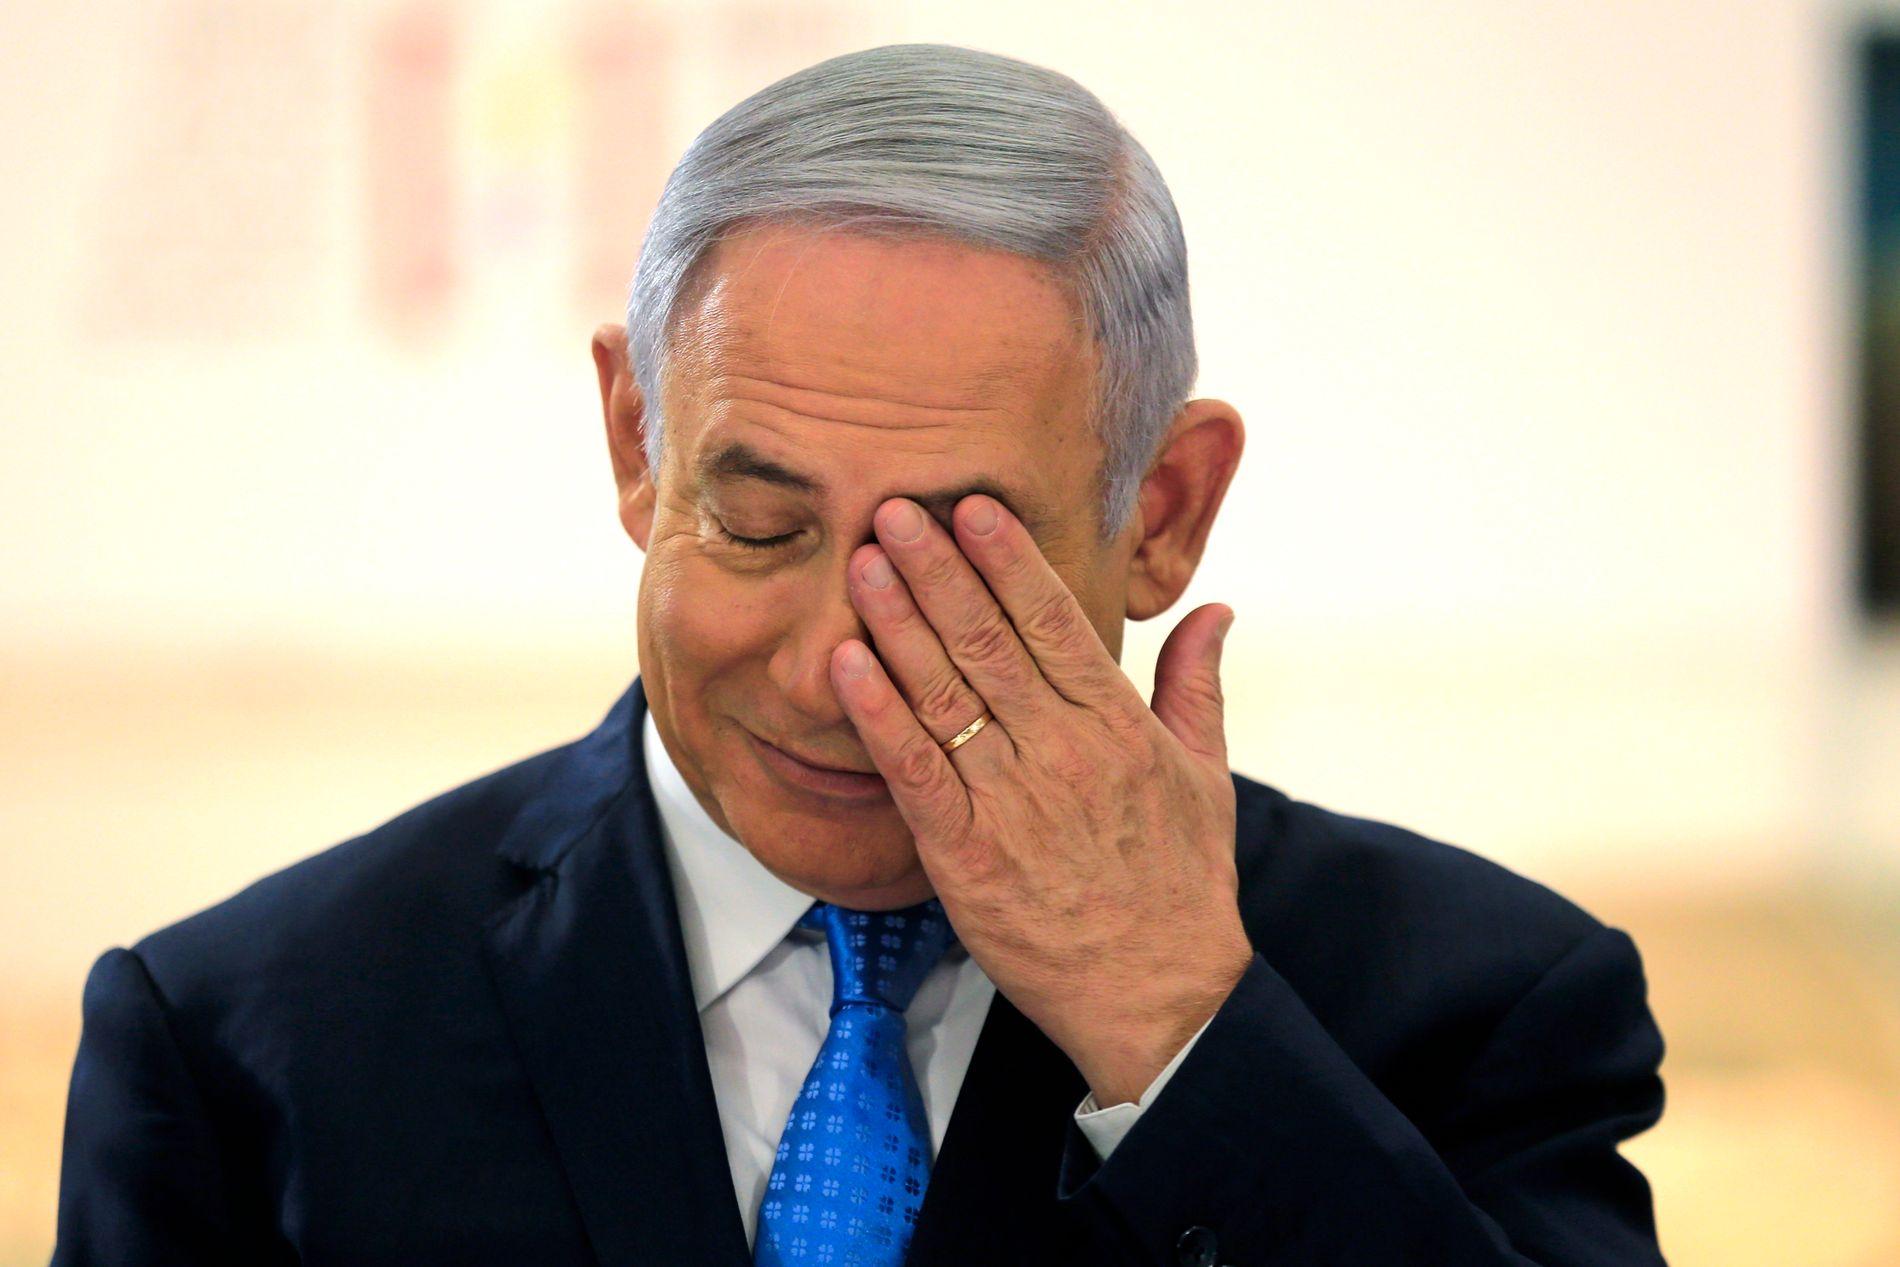 SKYLDER PÅ HAMAS: Israels statsminister Benjamin Netanyahu legger skylden for de drepte palestinerne på den Hamas.